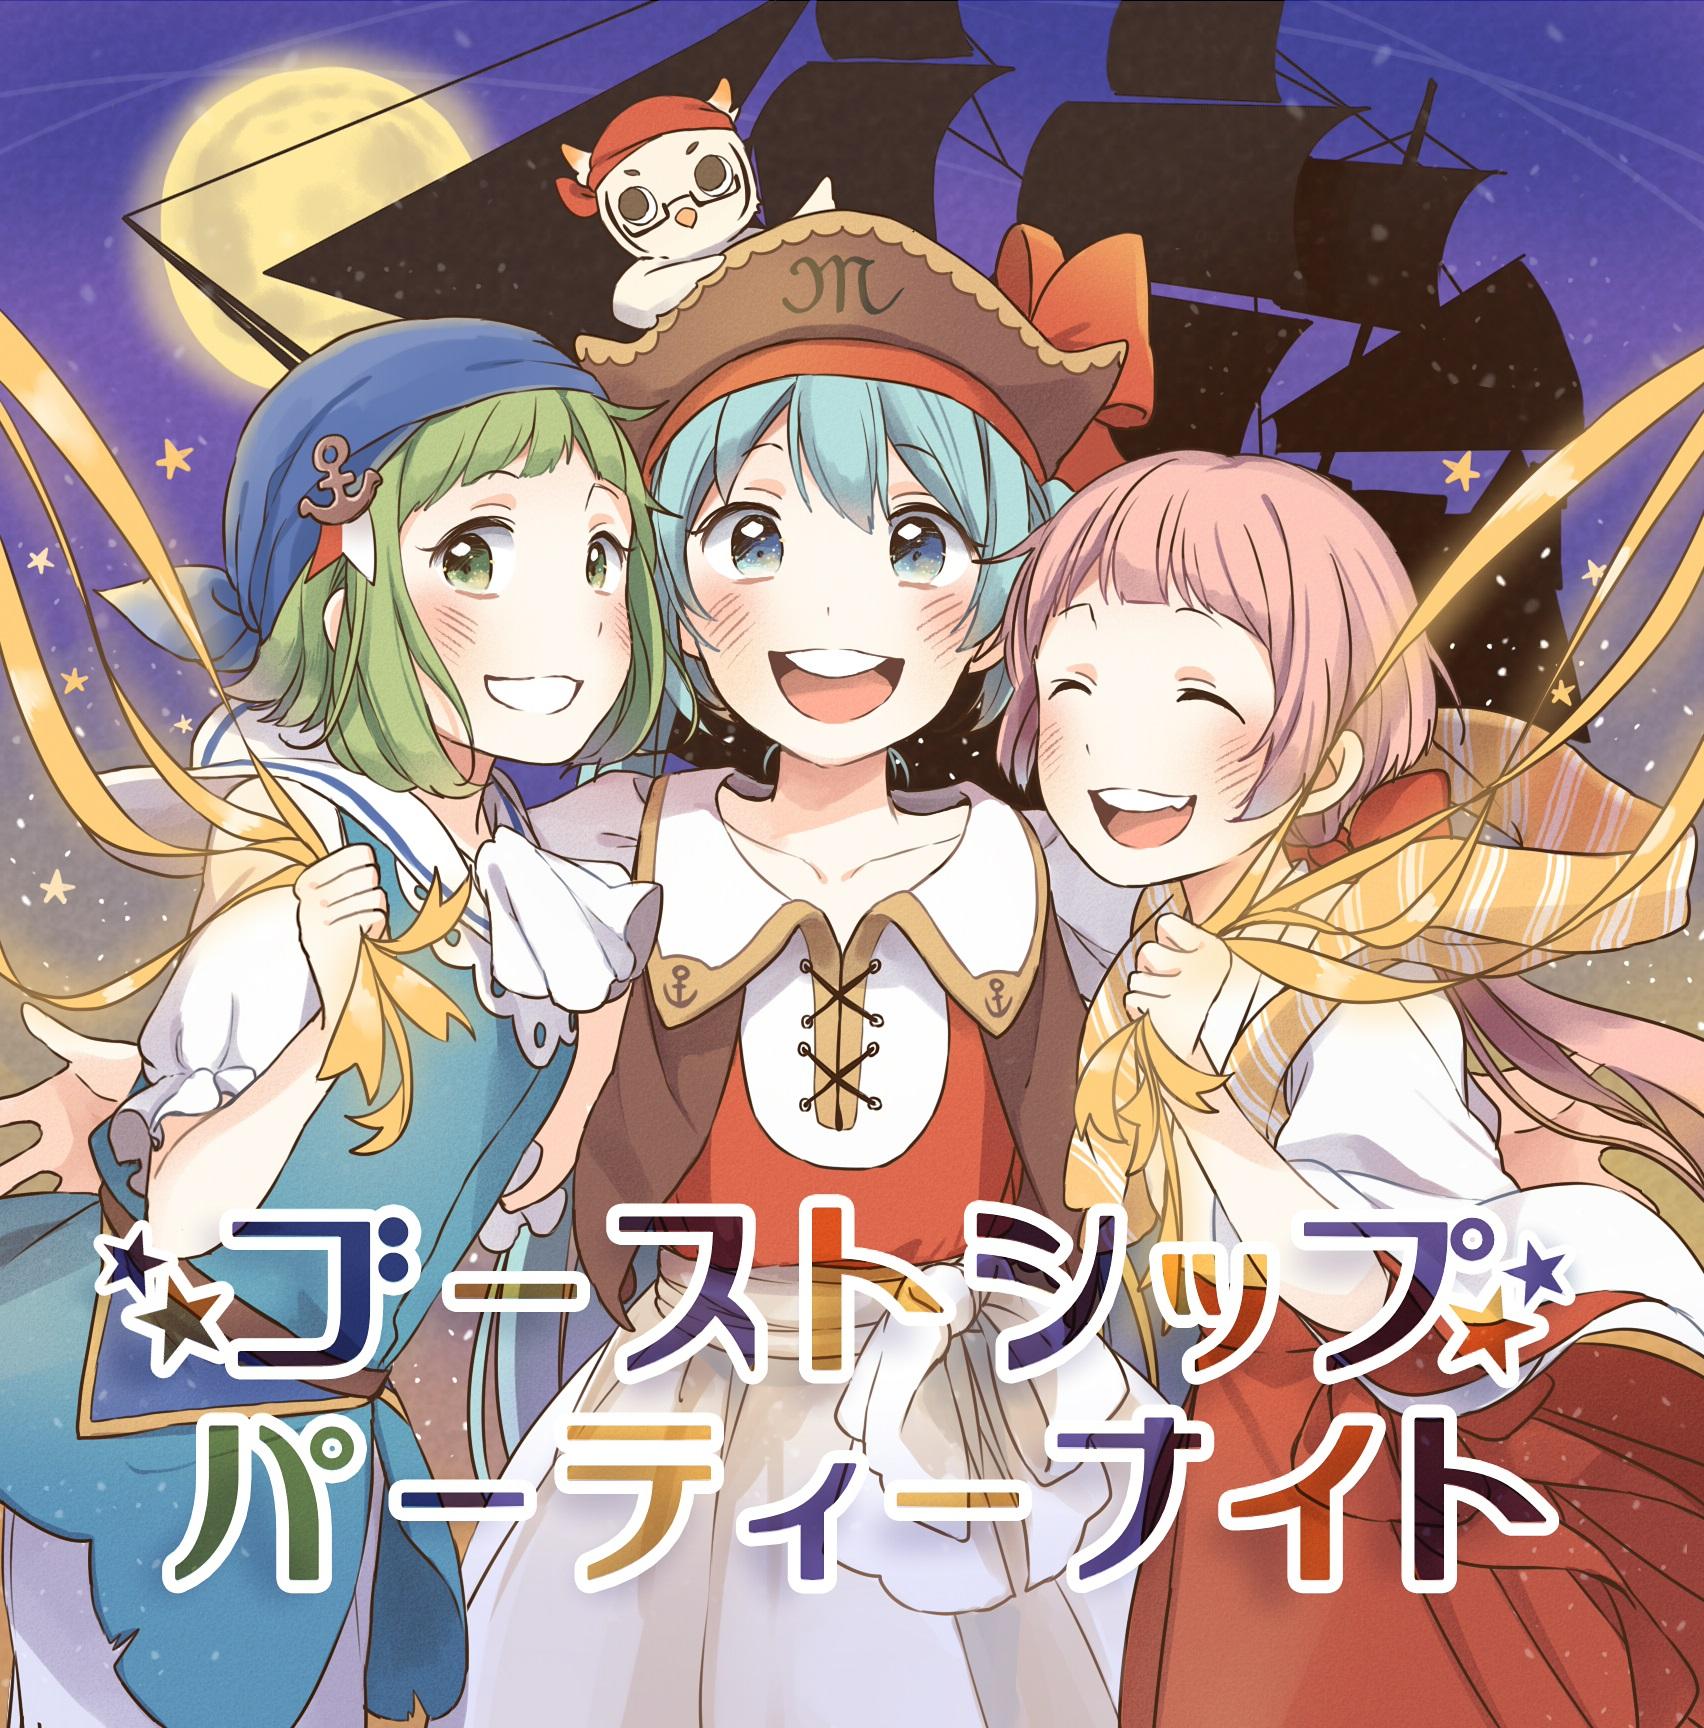 ゴーストシップパーティーナイト (Ghost Ship Party Night) (album)